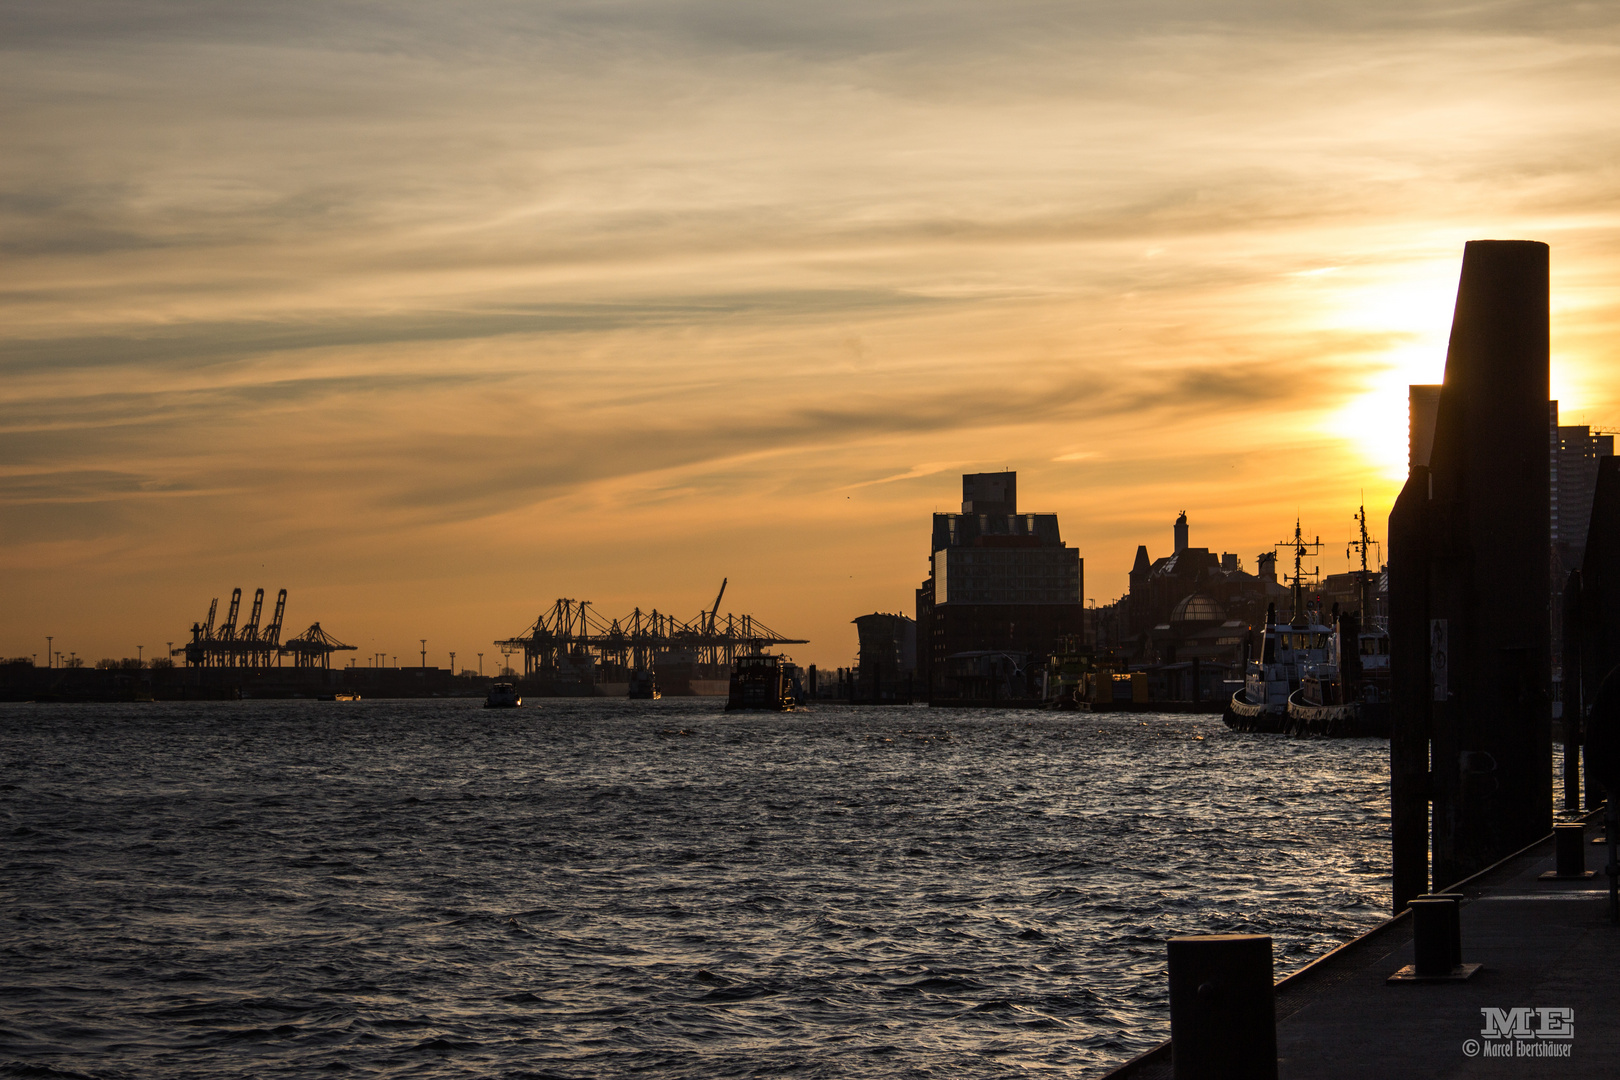 Sonnenuntergang HH Hafen